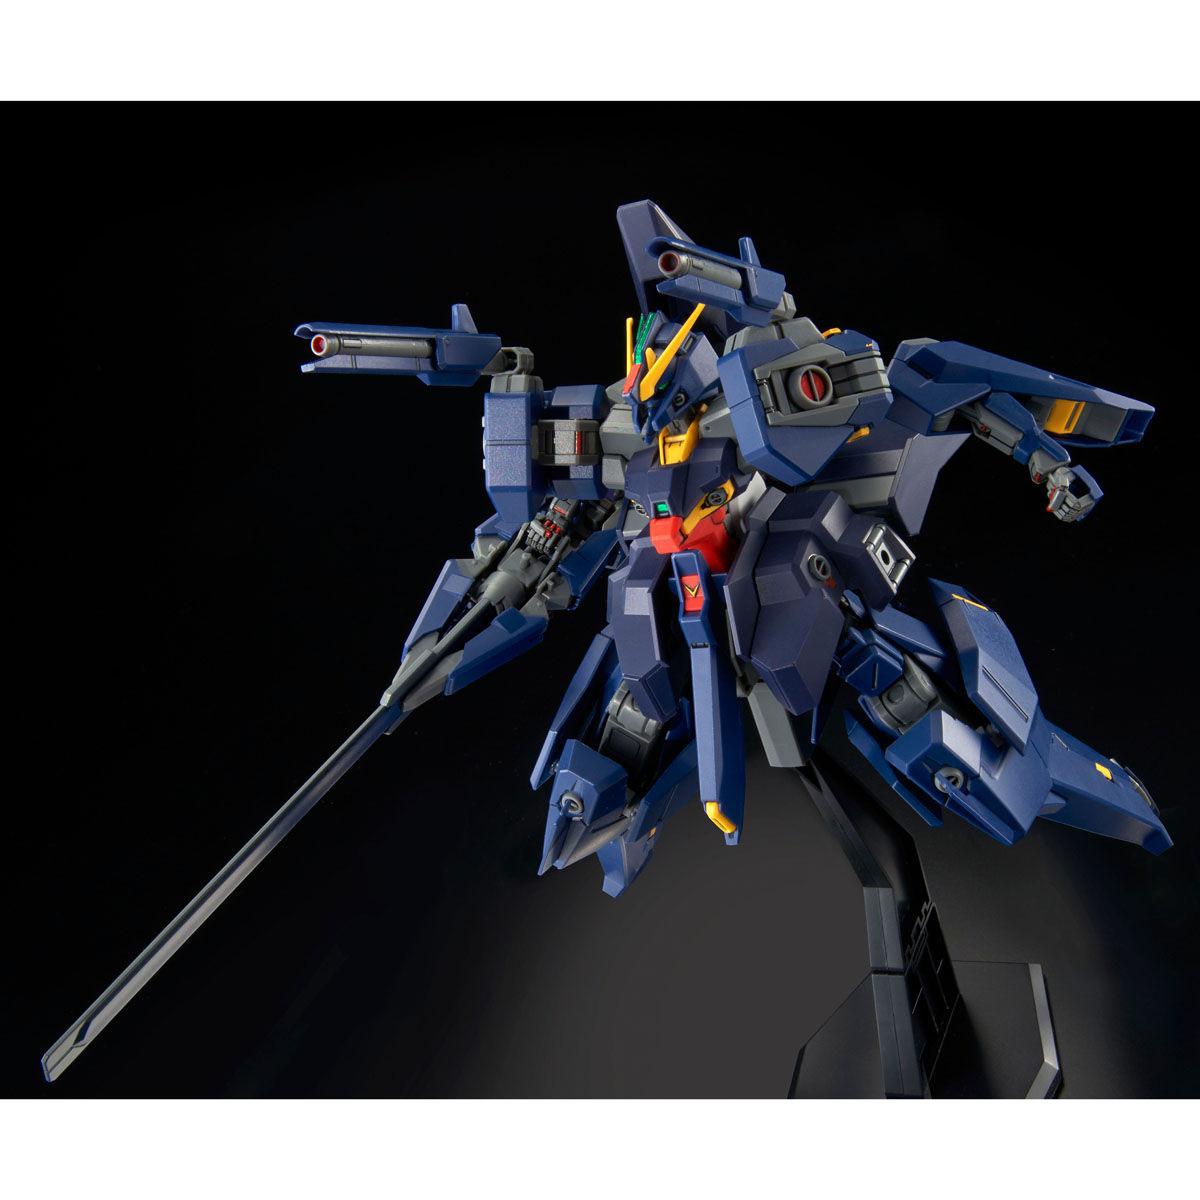 【限定販売】HG 1/144『ガンダムTR-6[ハイゼンスレイII]』プラモデル-004